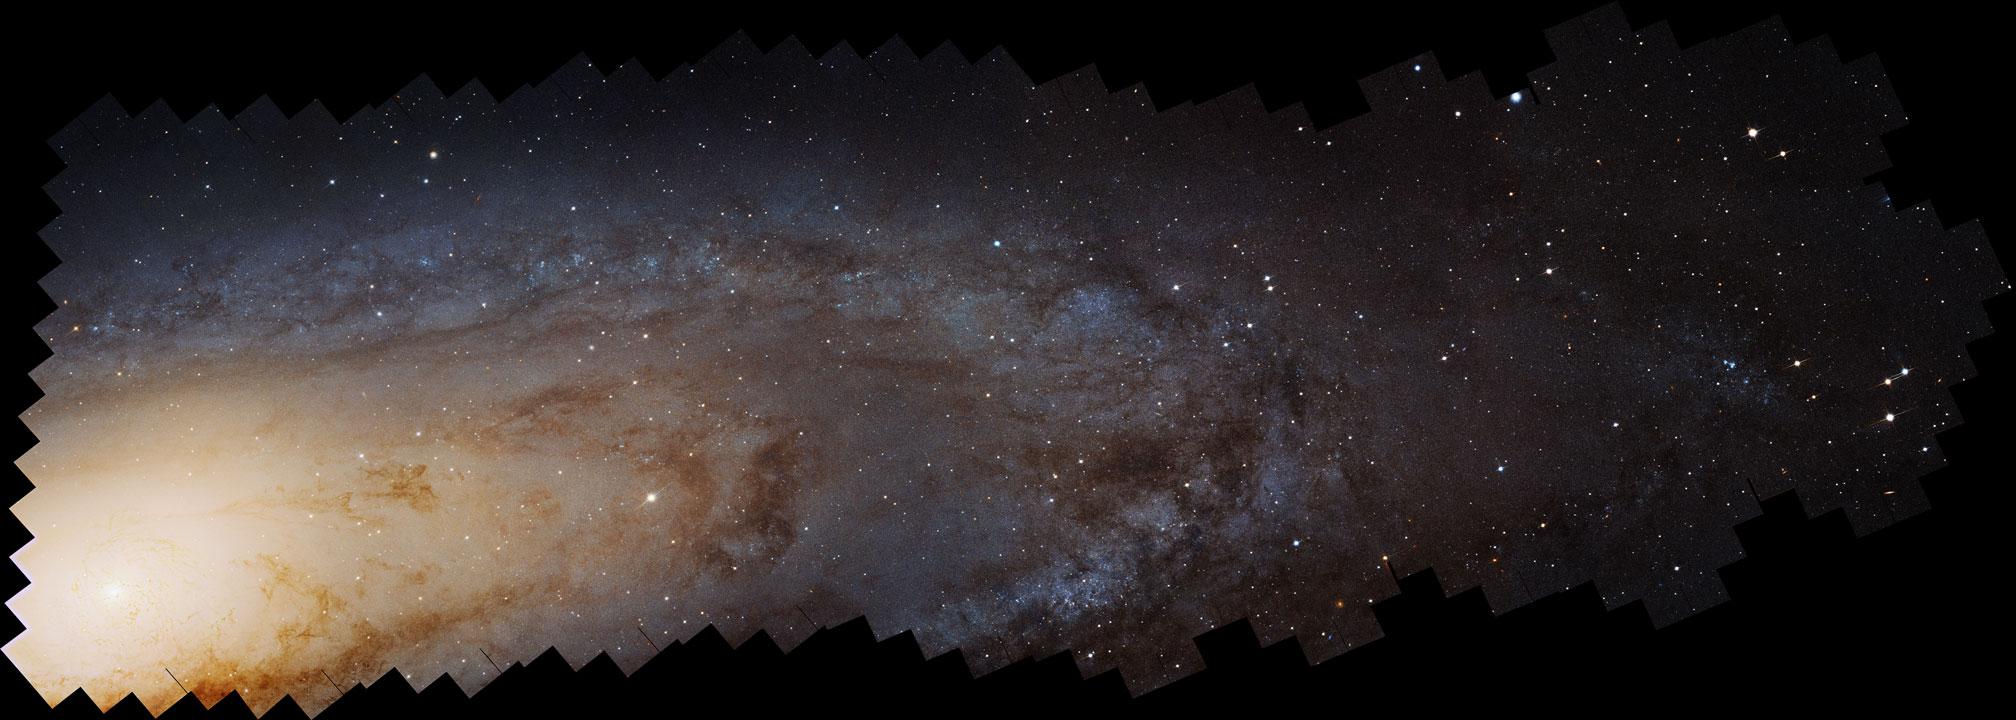 در این عکس که گستردگی به اندازه ی 40 هزار سال نوری دارد بیش از 100 میلیارد ستاره و هزاران خوشه ستاره ای دیده می شود. قطر آندرومدا در حدود 220 هزار سال نوری است.